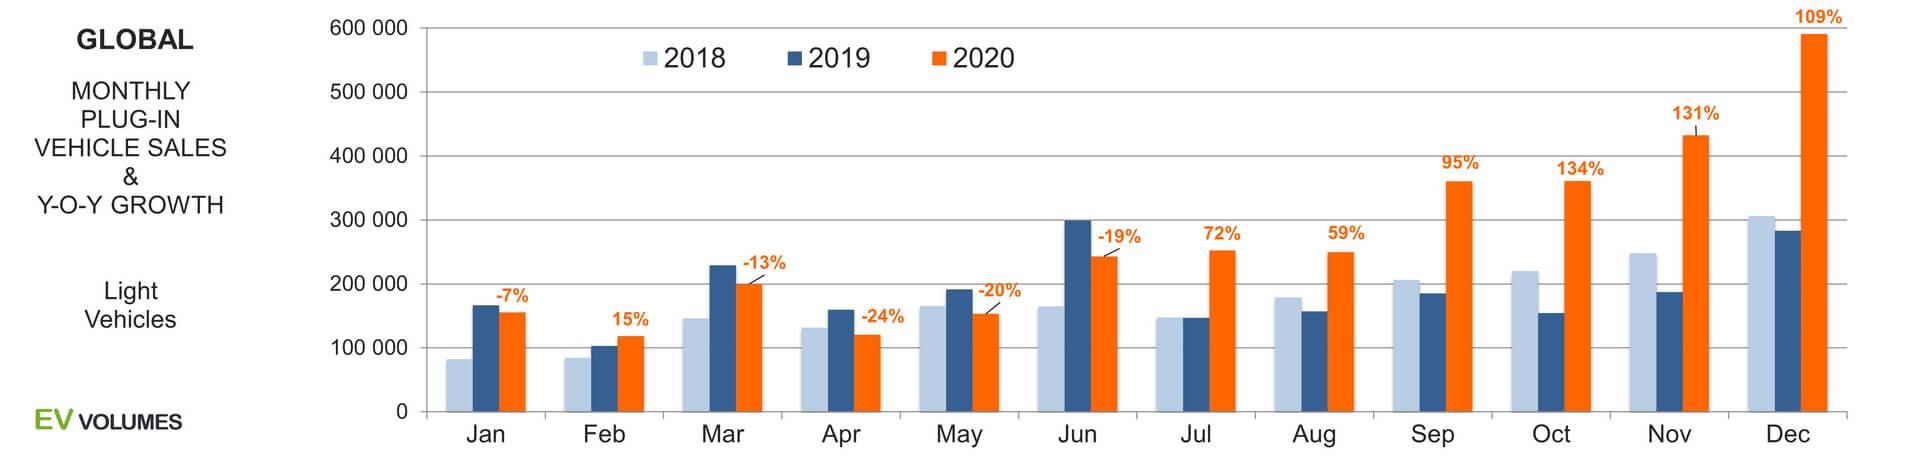 Глобальные ежемесячные продажи электромобилей и плагин-гибридов в 2018-2020 годах